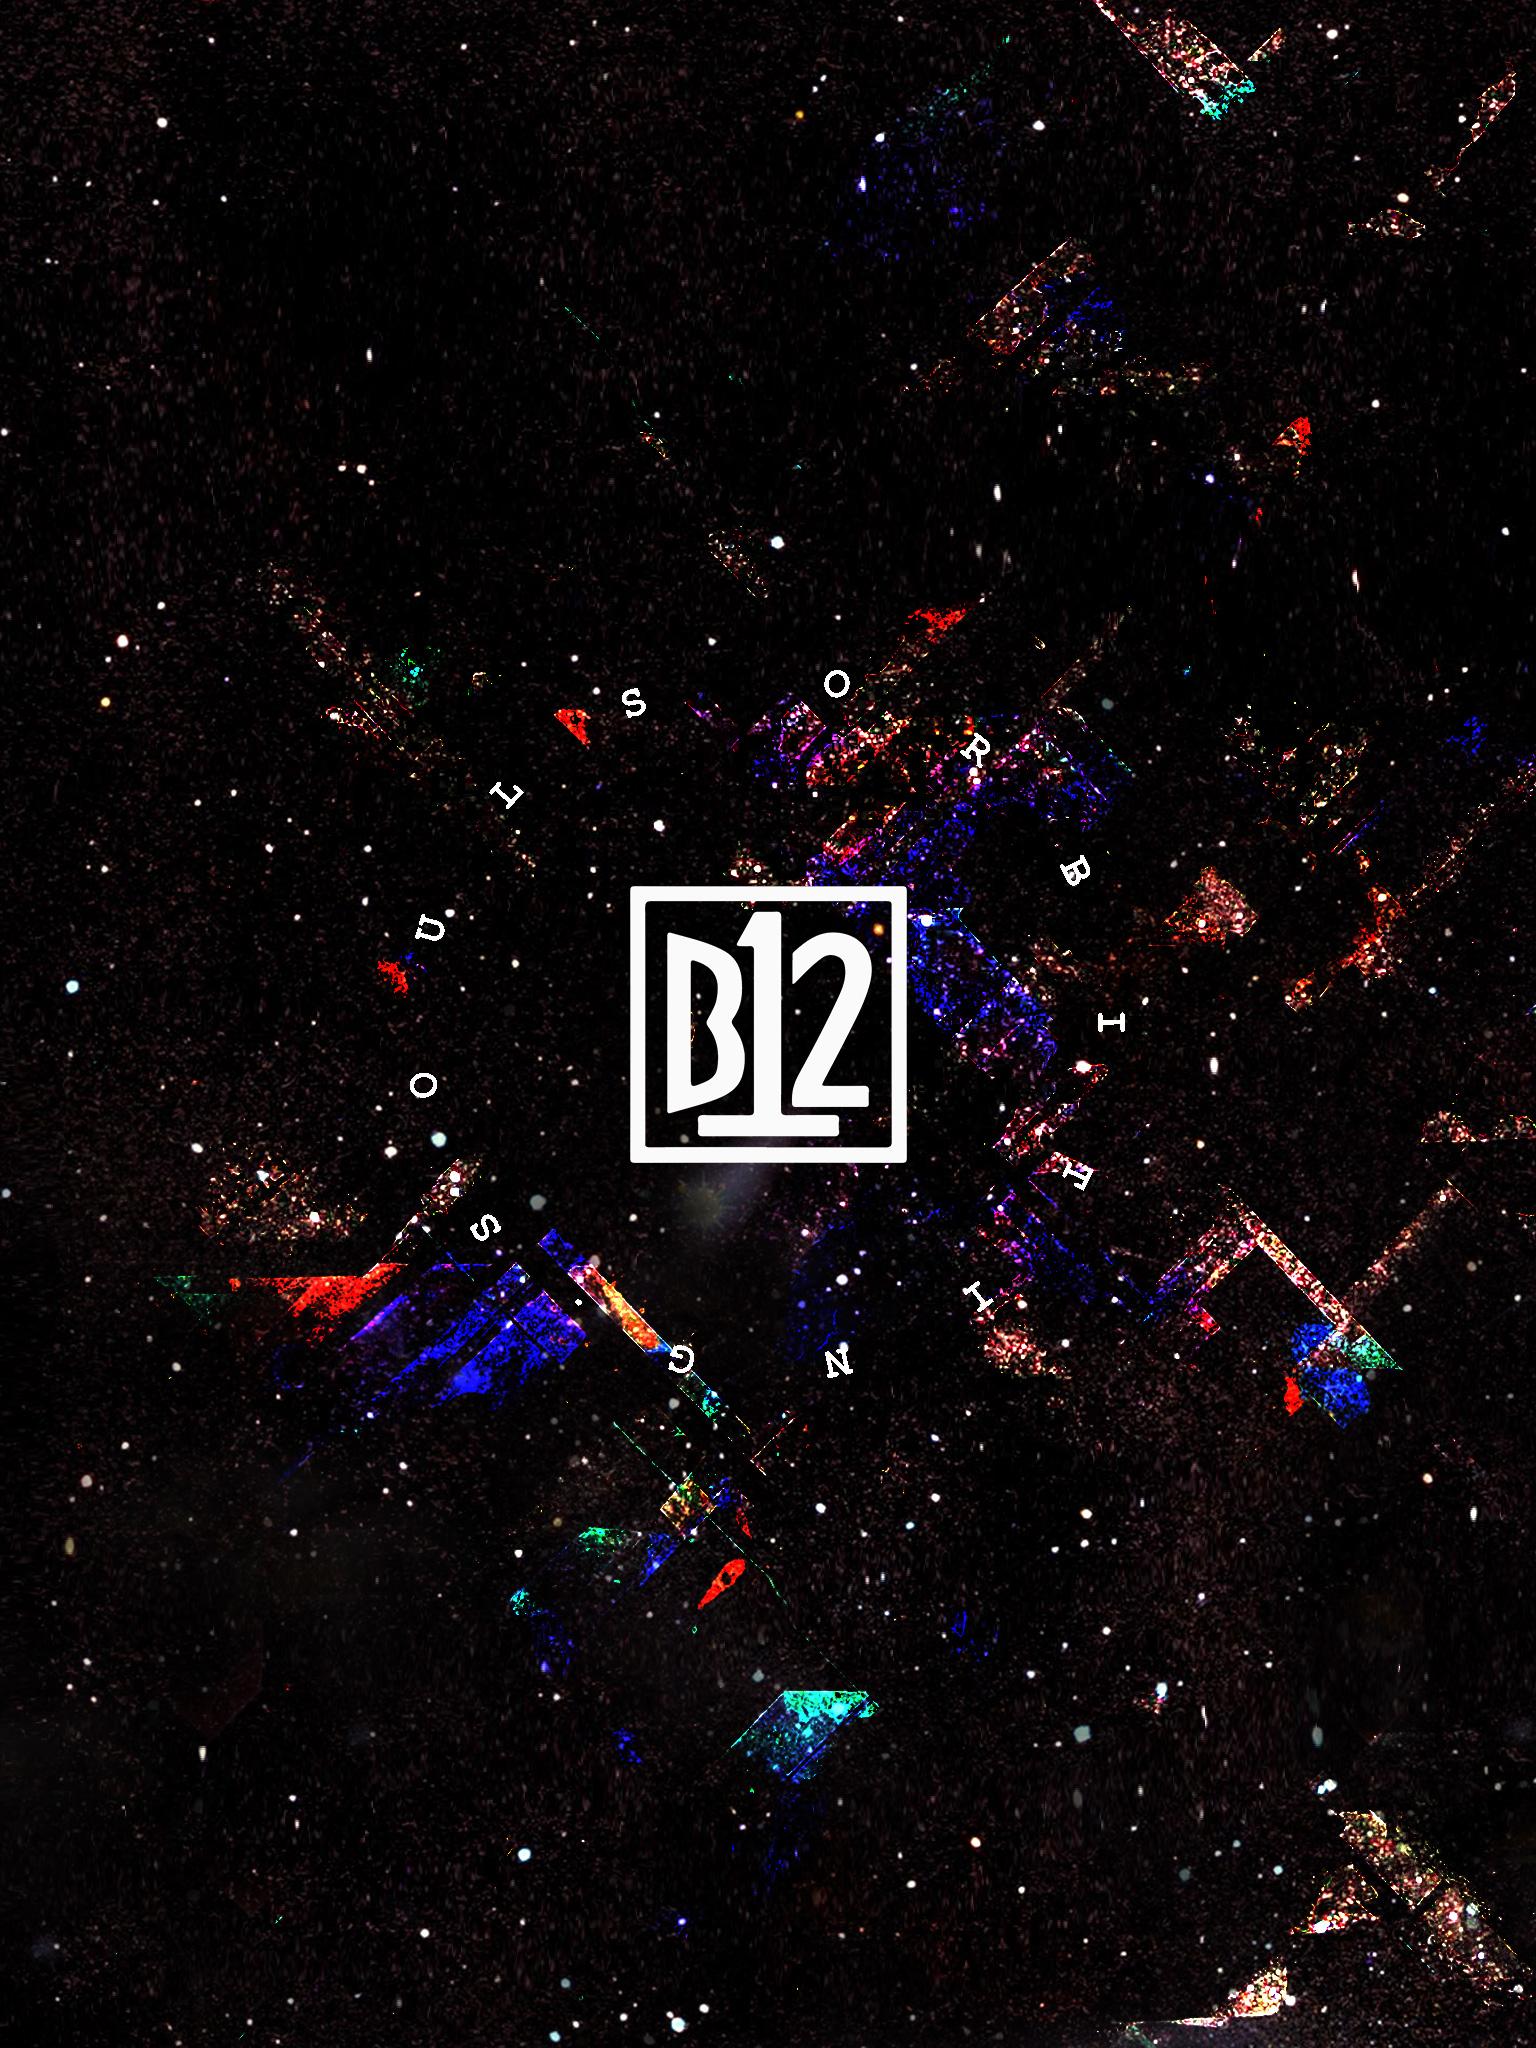 B12: Orbiting souls